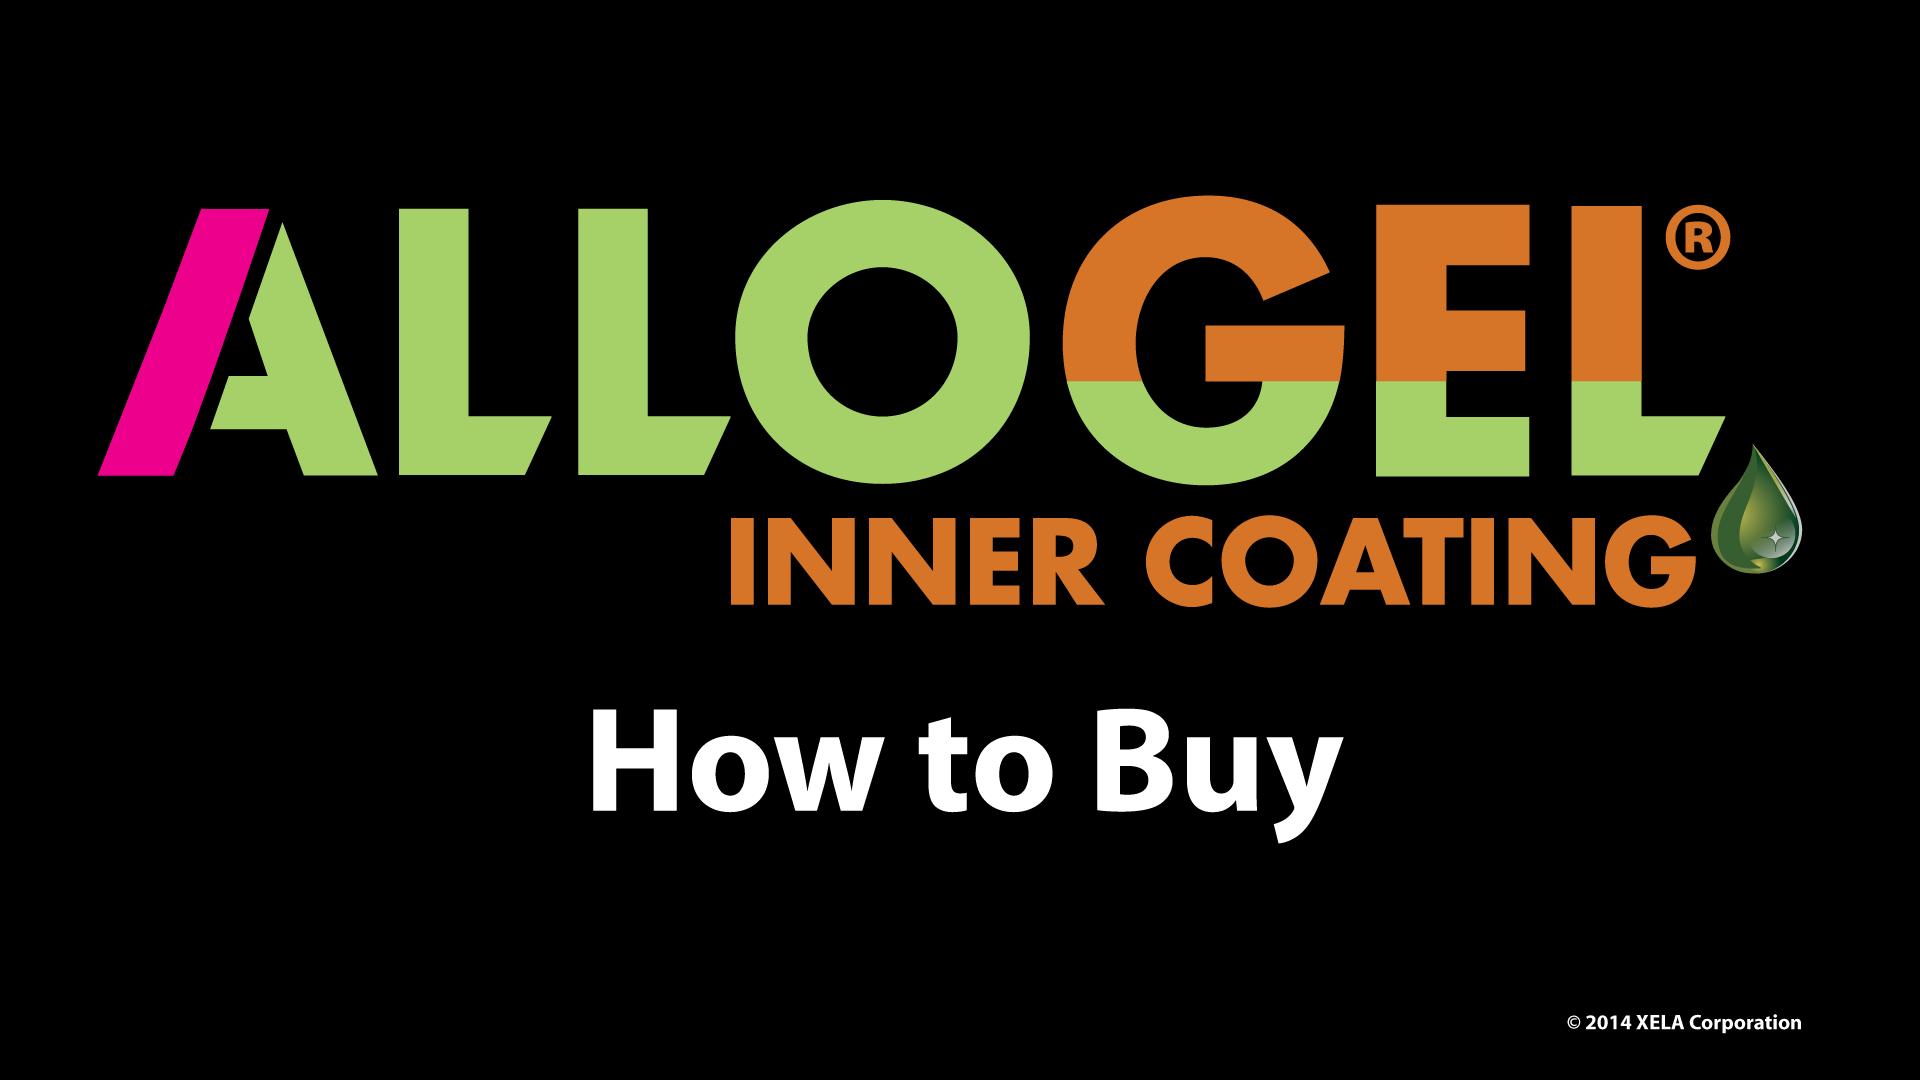 AlloGel-Inner-Coating-How-t.png